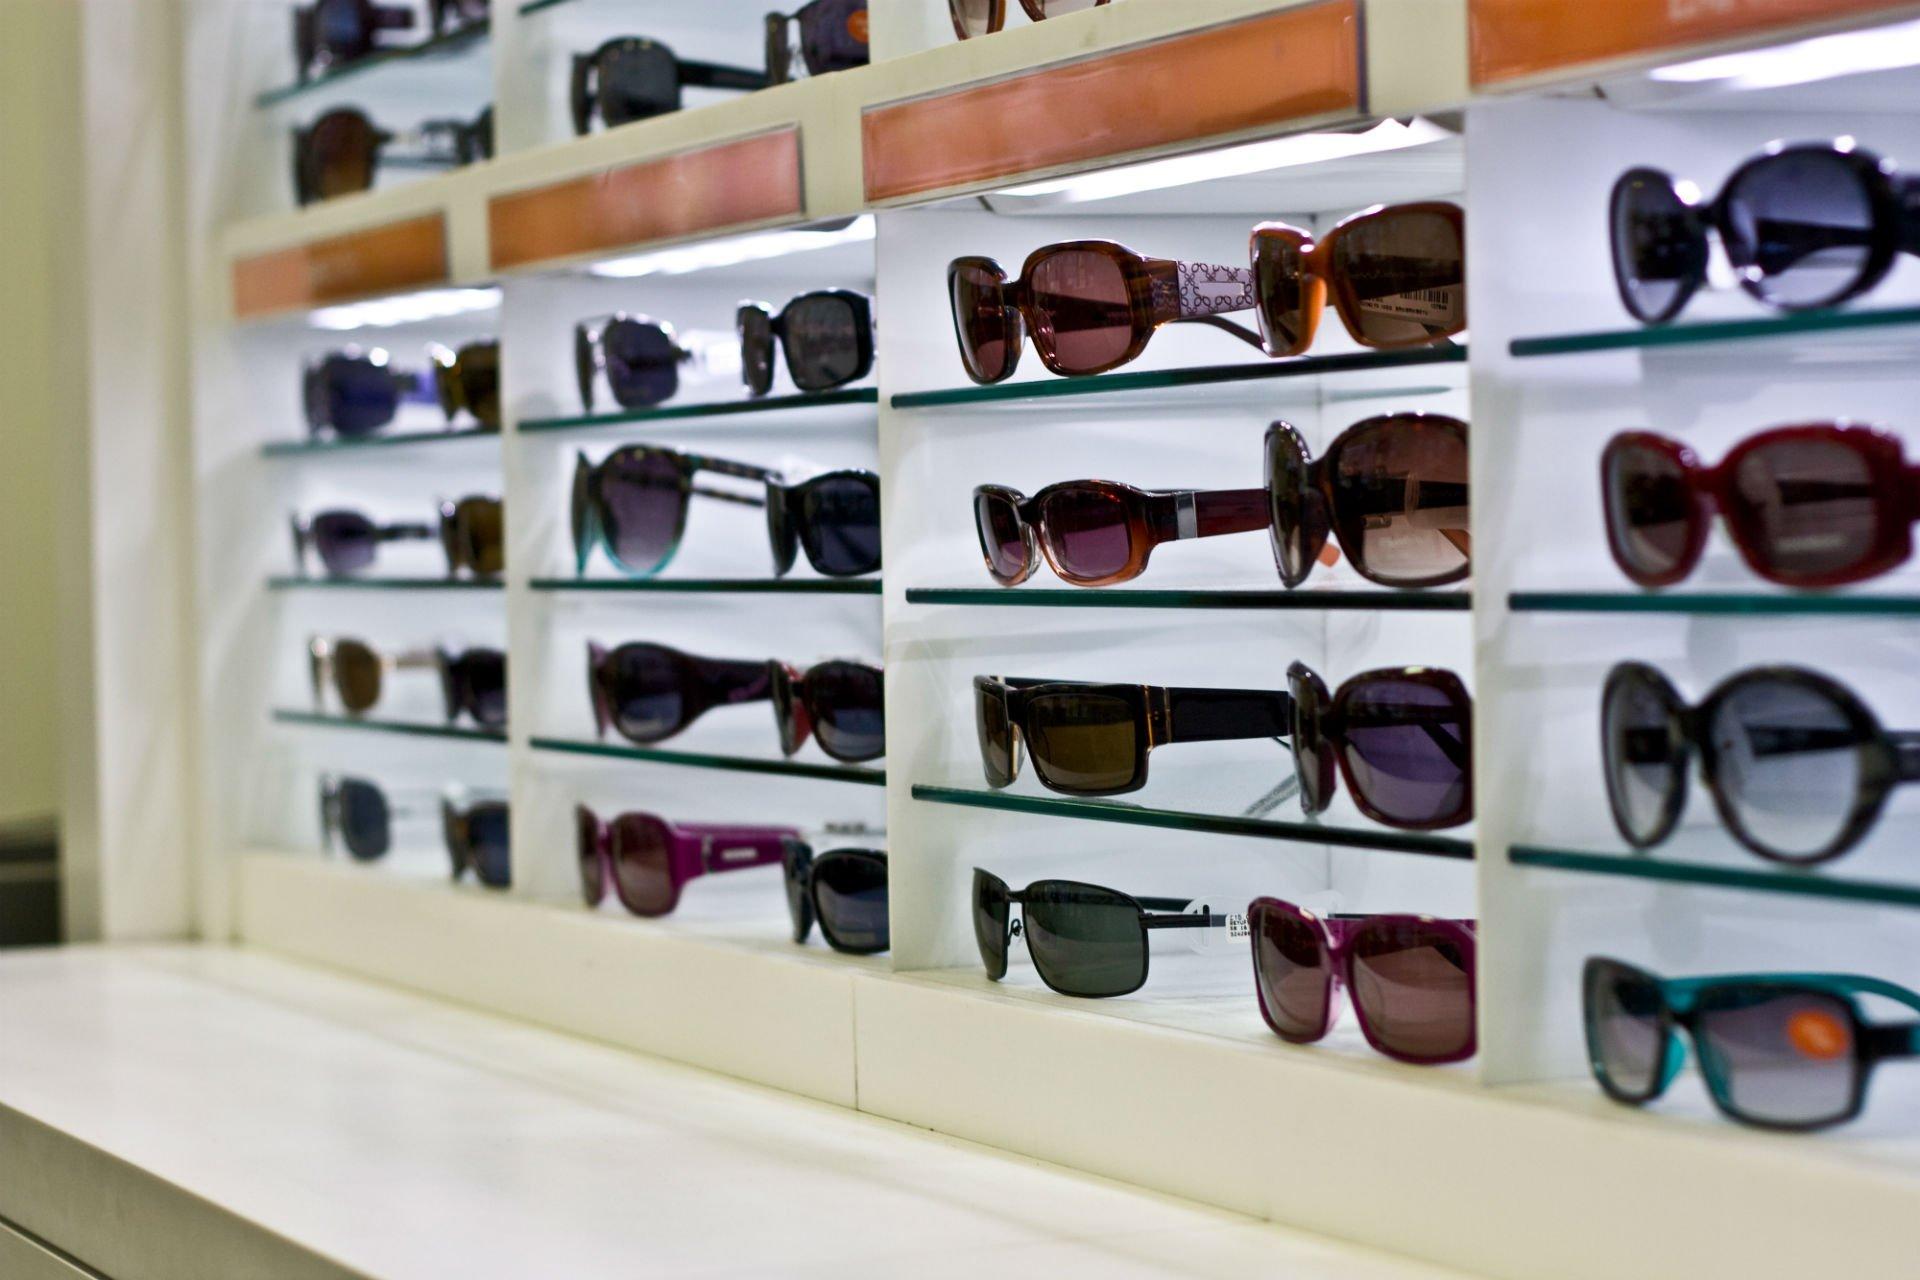 Occhiali da sole in esposizione alla Bottega della fotografia a Torino